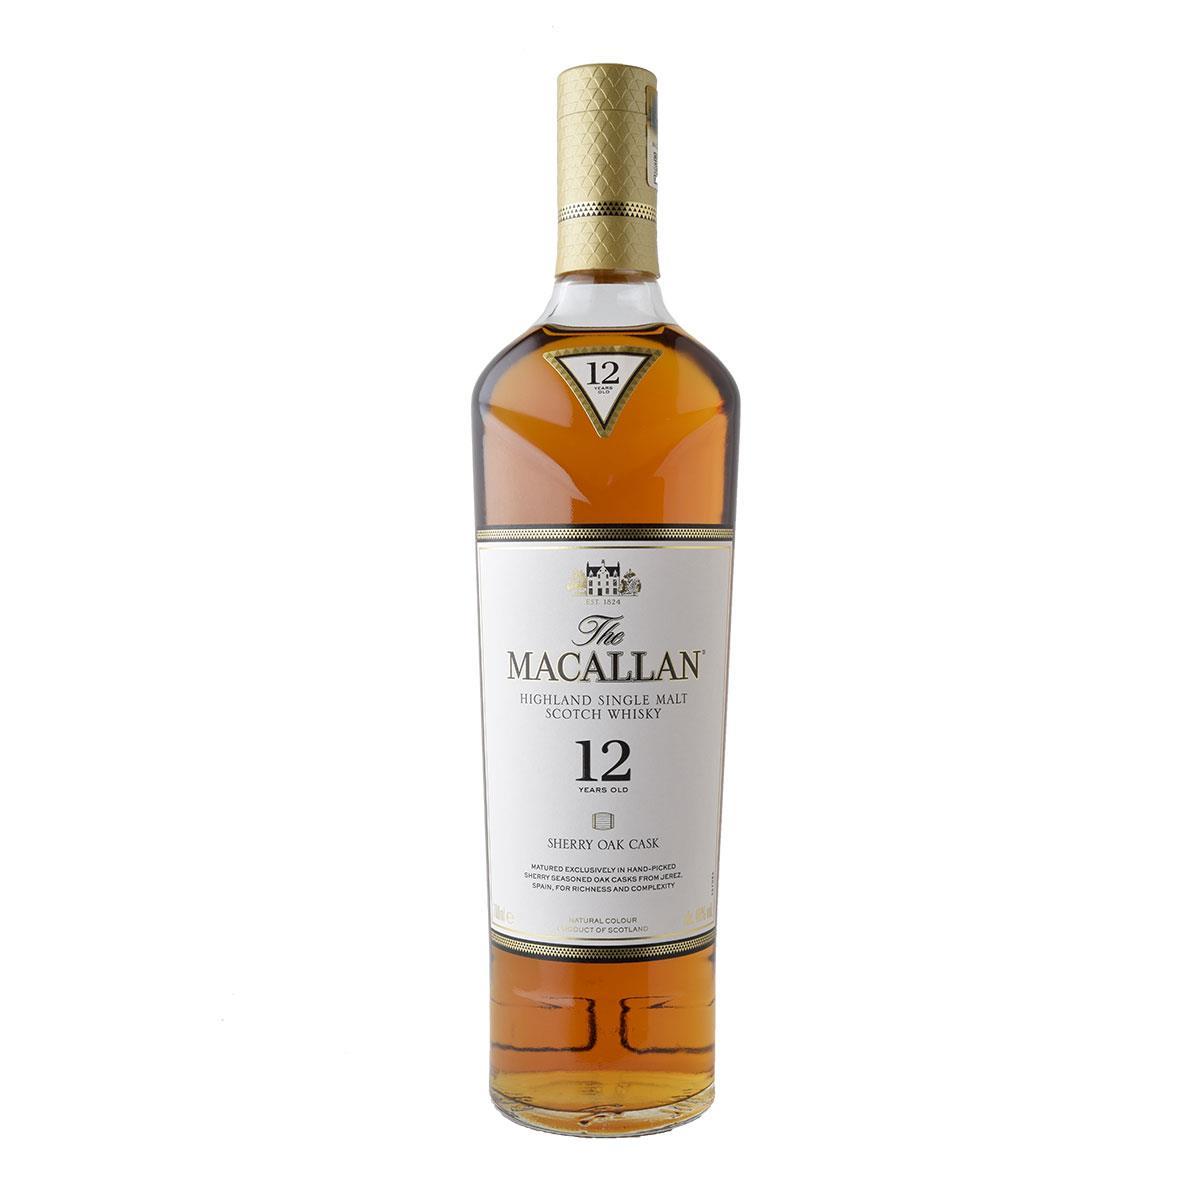 Macallan 12 y.o. Sherry Oak Cask 700ml